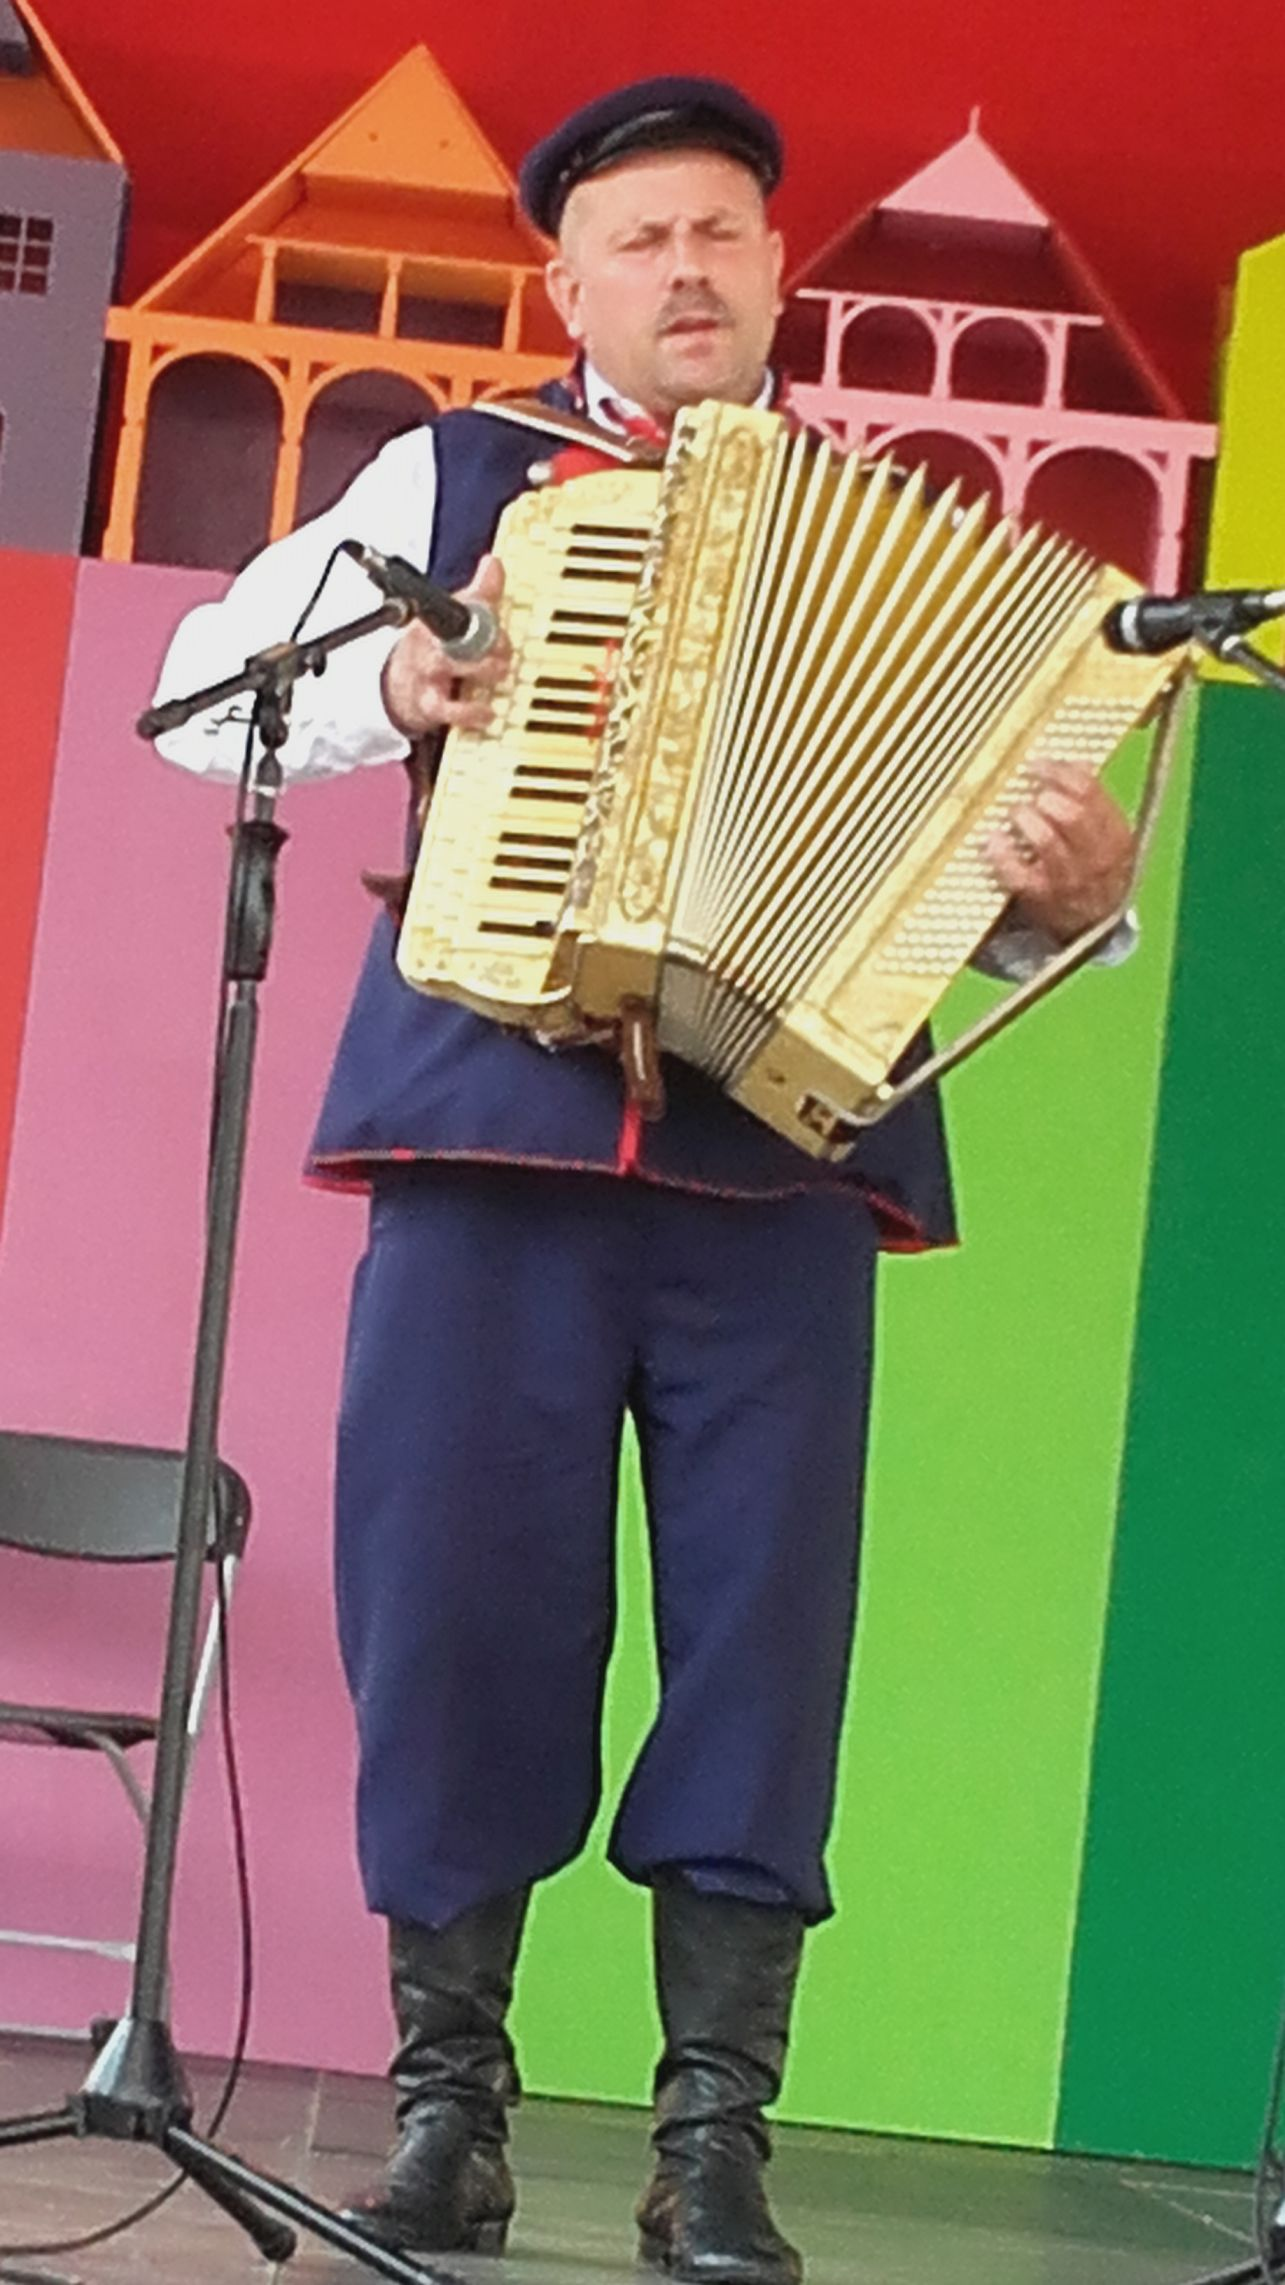 2016-06-25 Kazimierz Dolny - festiwal (13)